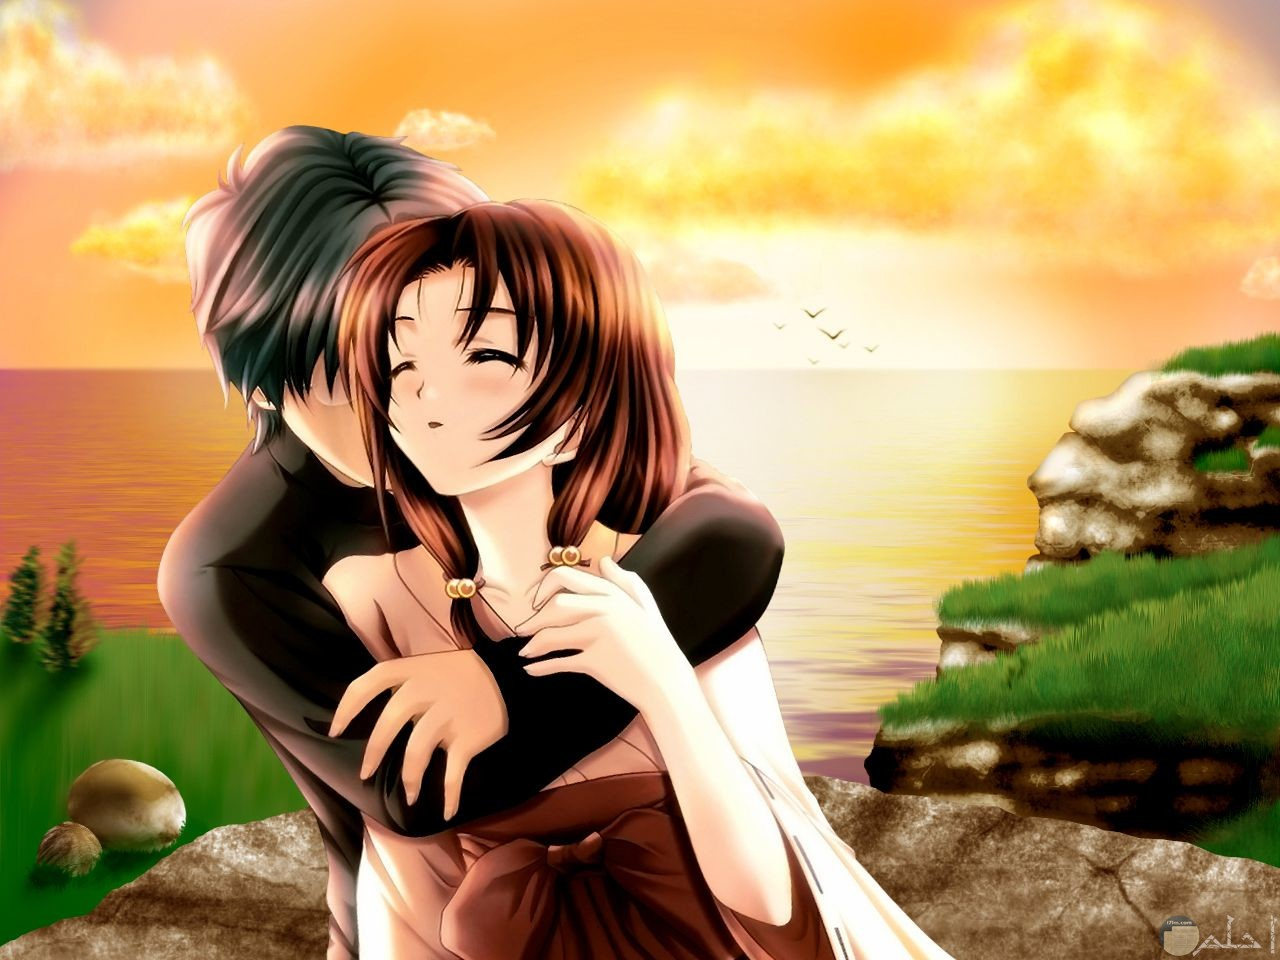 رسومات رومانسية جميلة.